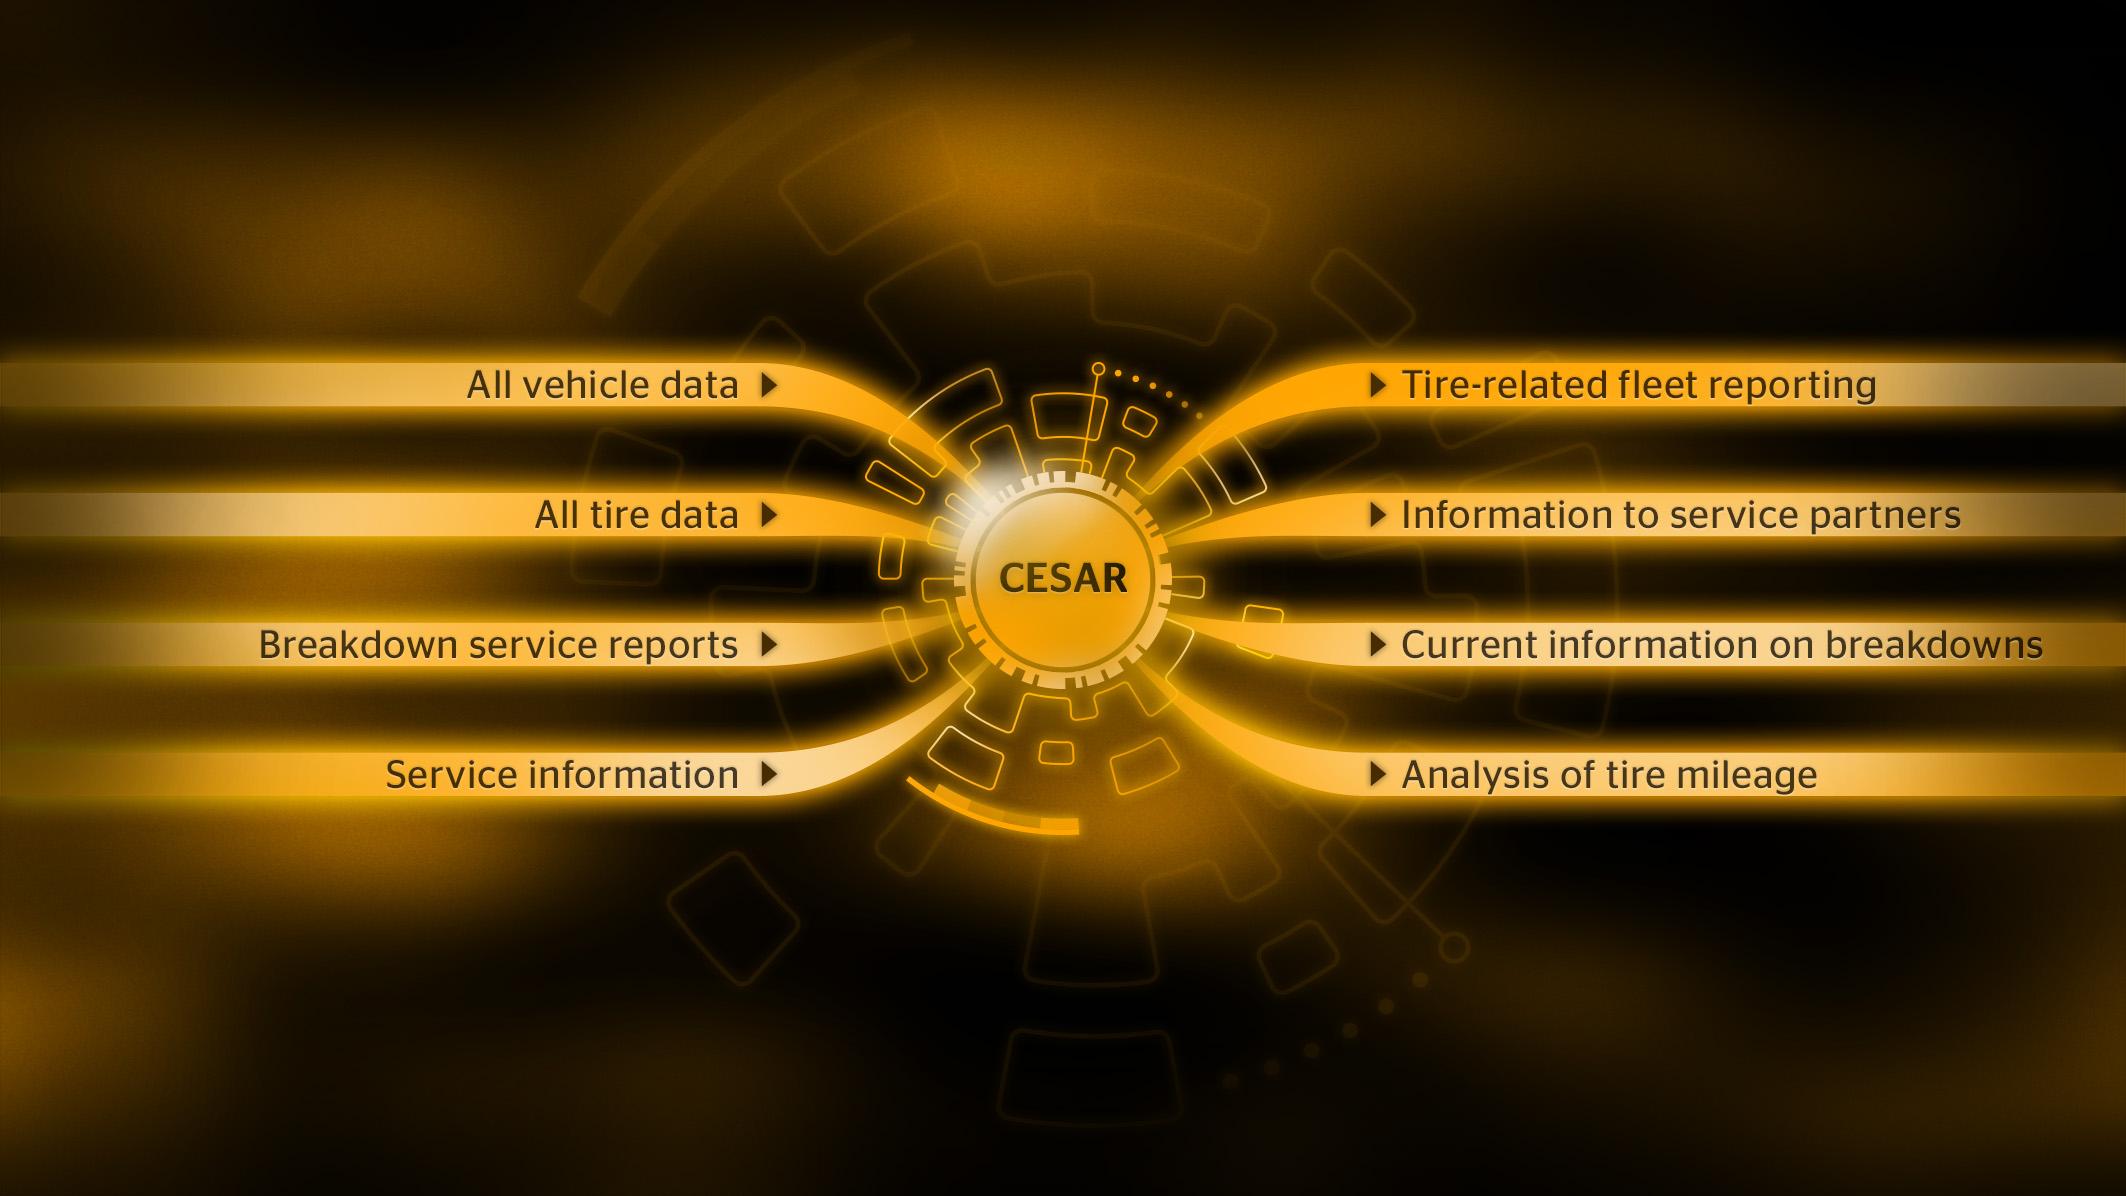 CESAR, araç ve servis bilgilerinin özel bir arayüz üzerinden paylaşılmasını ve düzenli olarak güncellenmesini sağlıyor.